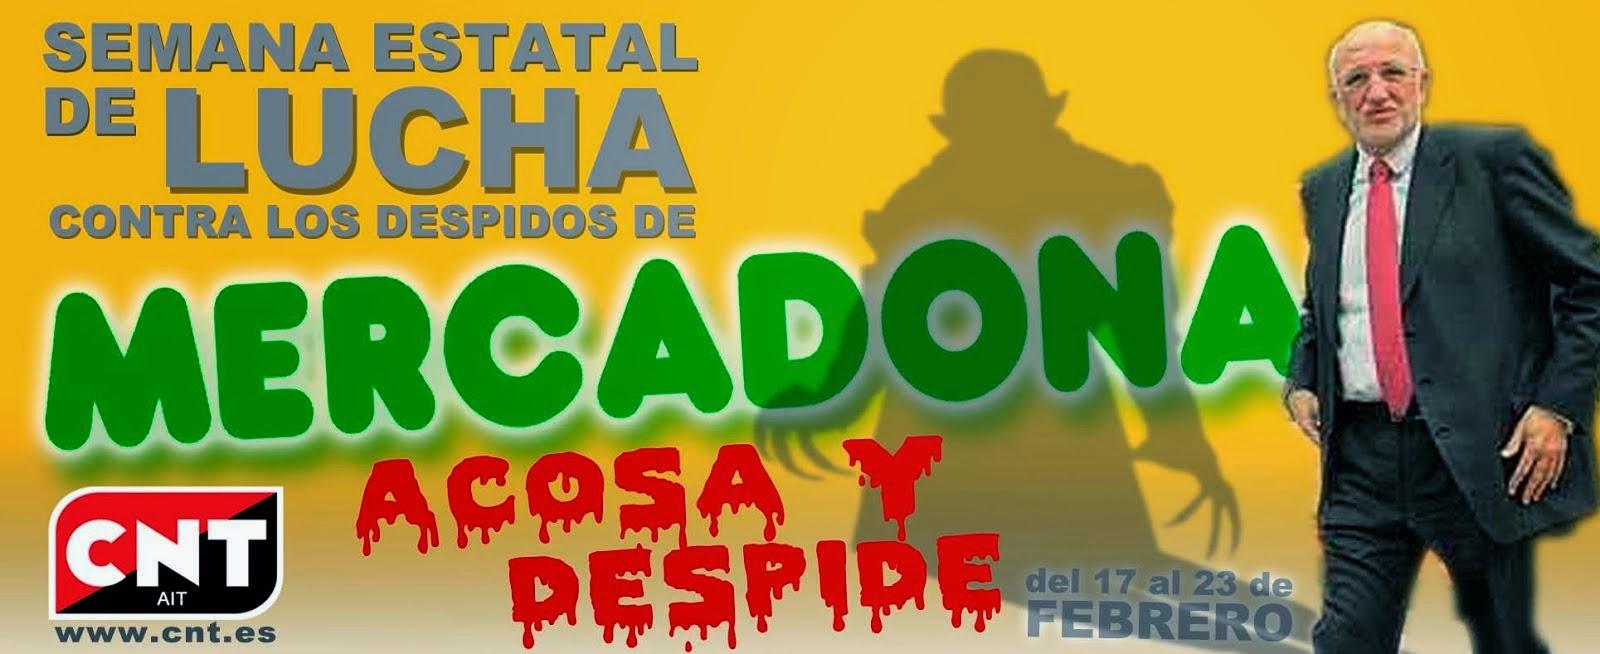 Setmana de lluita contra Mercadona, del 17 al 23 de Febrer